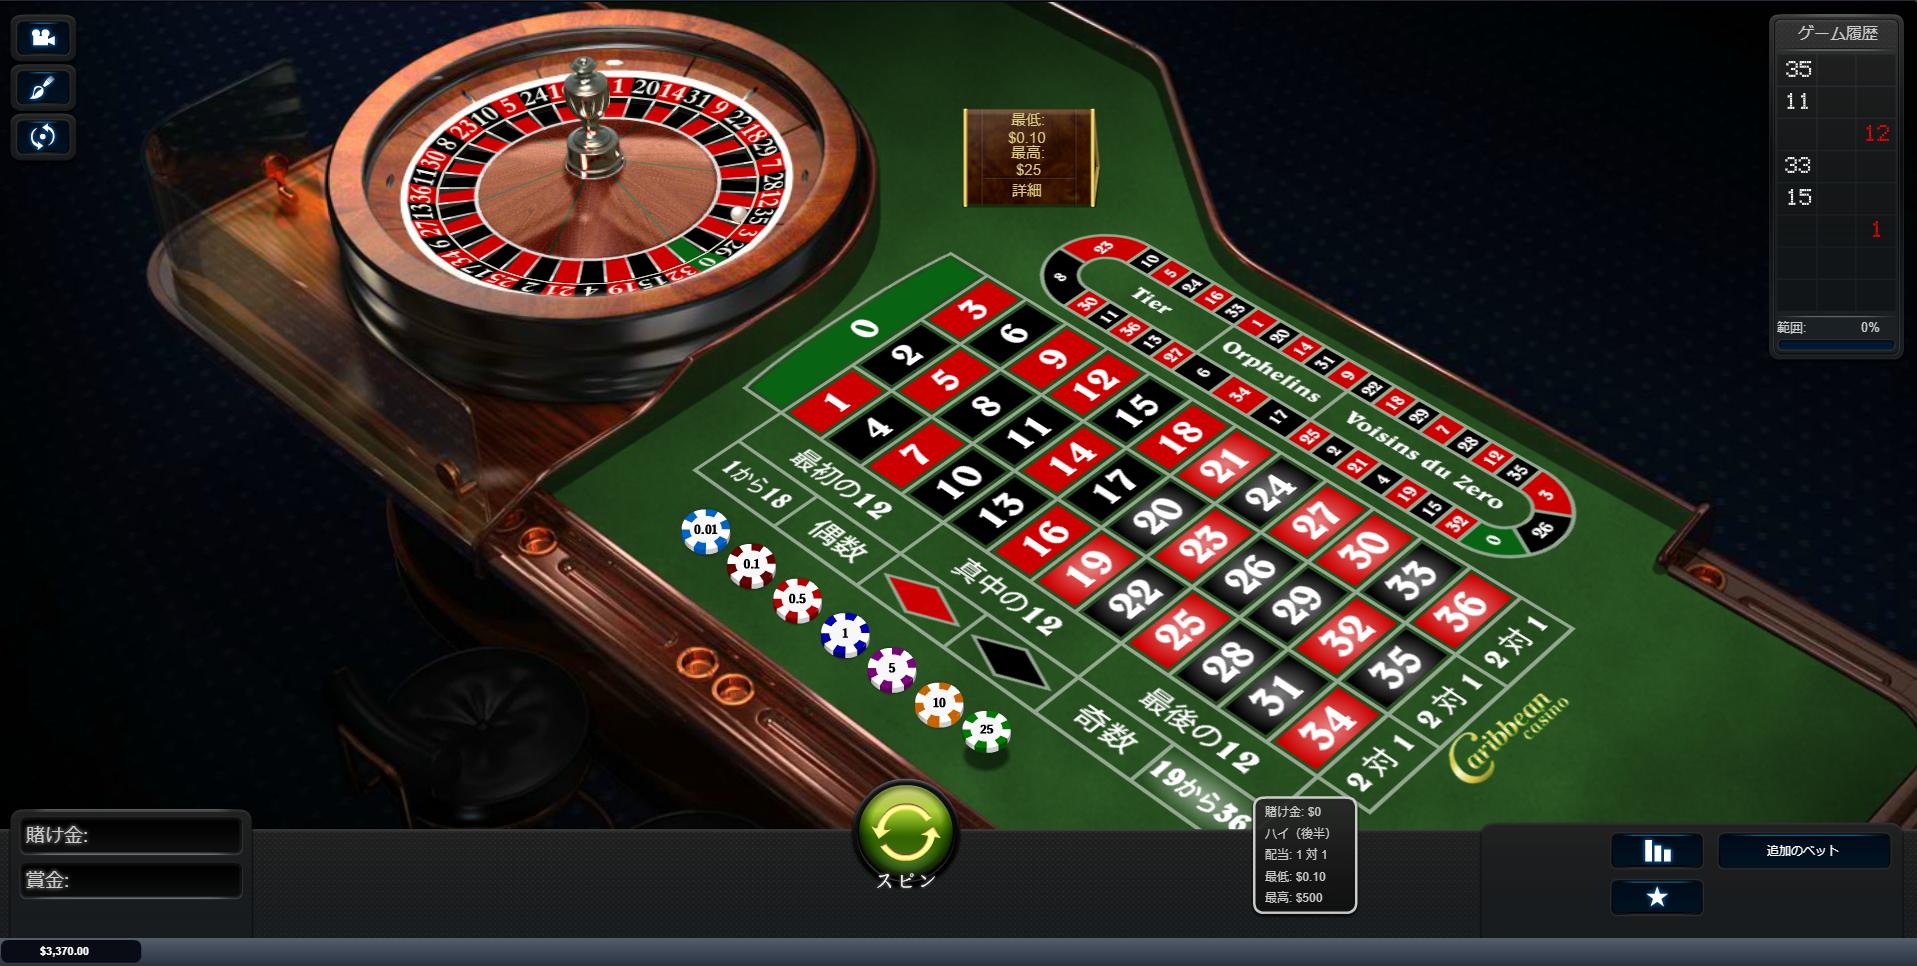 официальный сайт почему не заходит в казино bestforplay